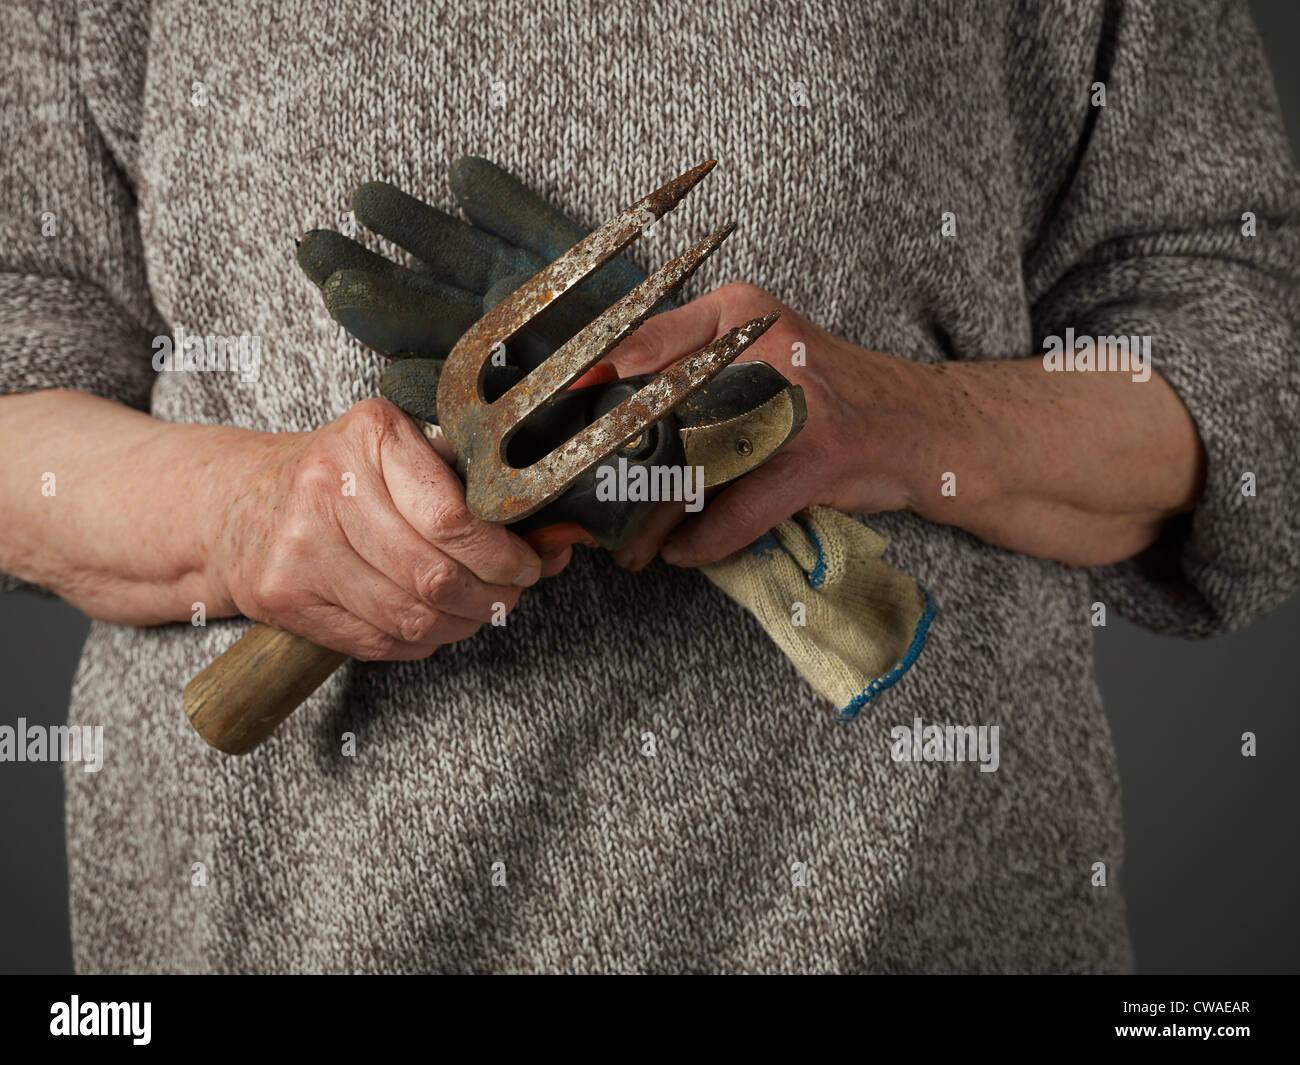 Frau mit Gartenarbeit Handschuh und Kelle Stockfoto